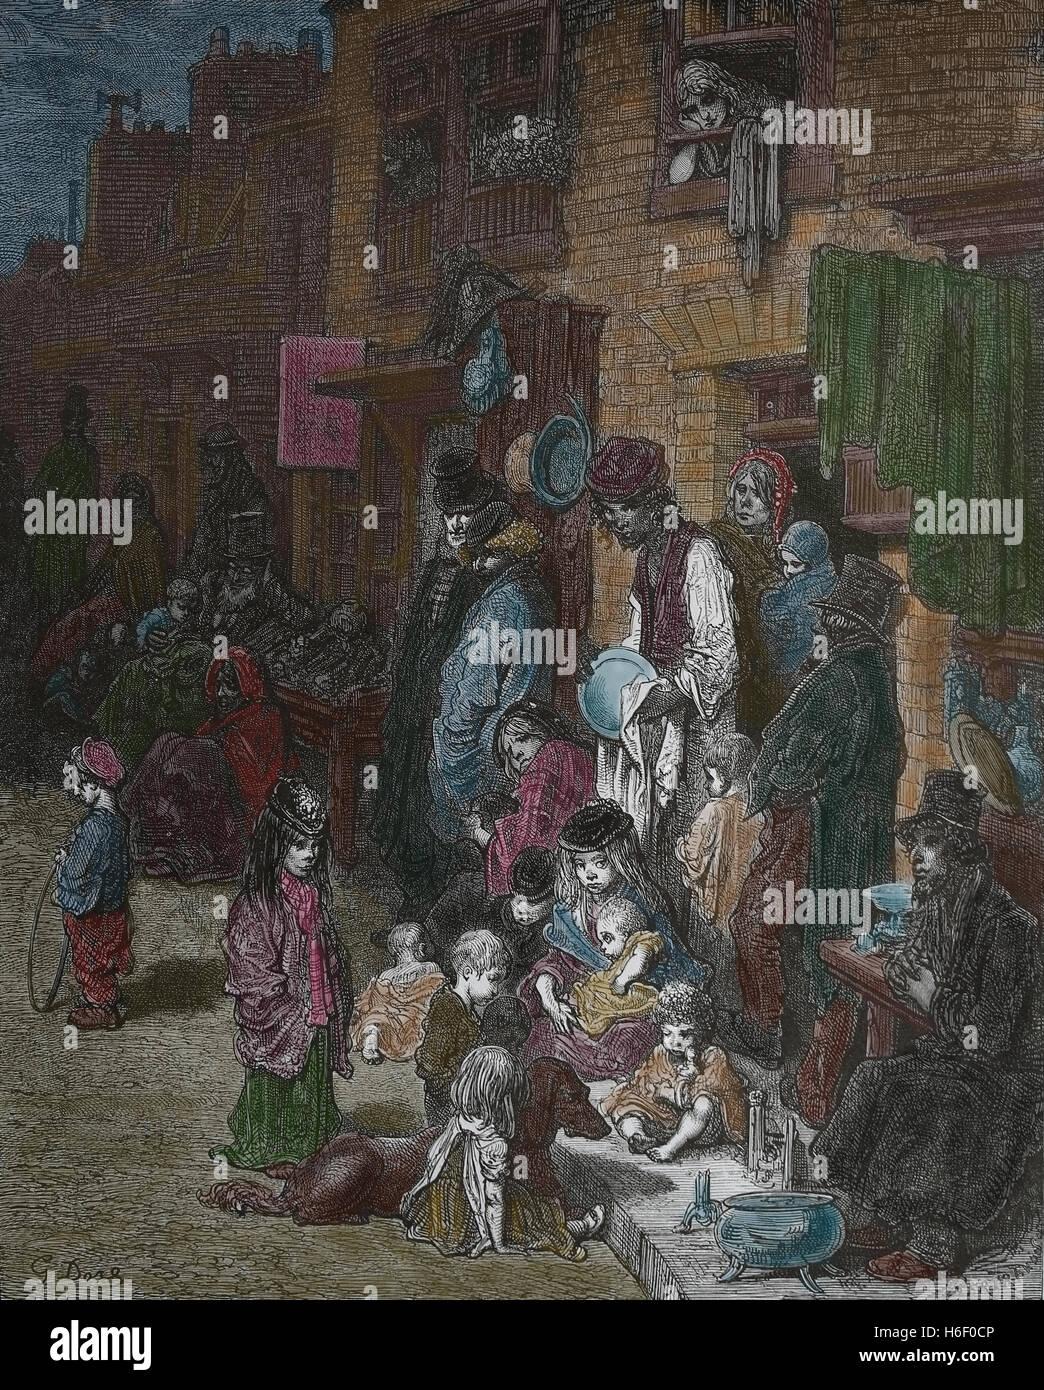 United Kingdom. Londres. Whitechapel. Quartier de la classe ouvrière. Gravure de Gustave Dore, Londres; Photo Stock